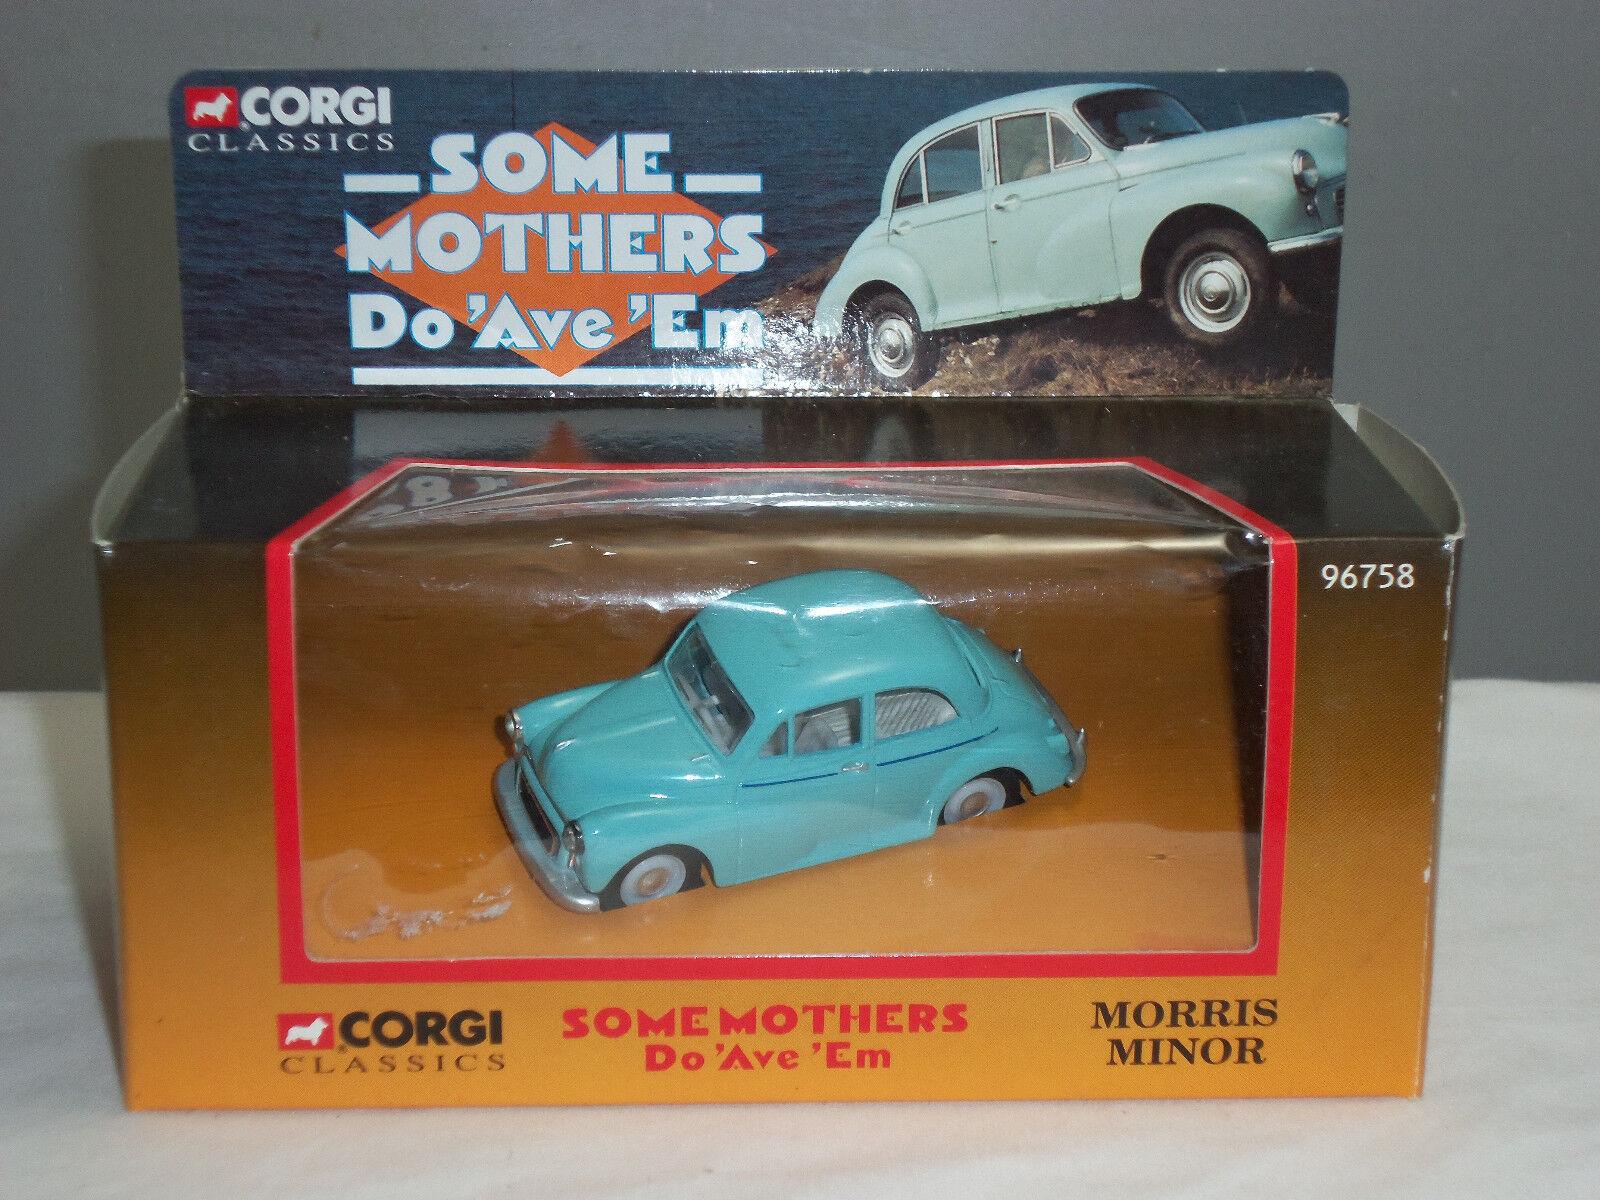 Corgi 96758 algunas madres do Ave em Frank Spencer Morris Minor Diecast Modelo de Coche